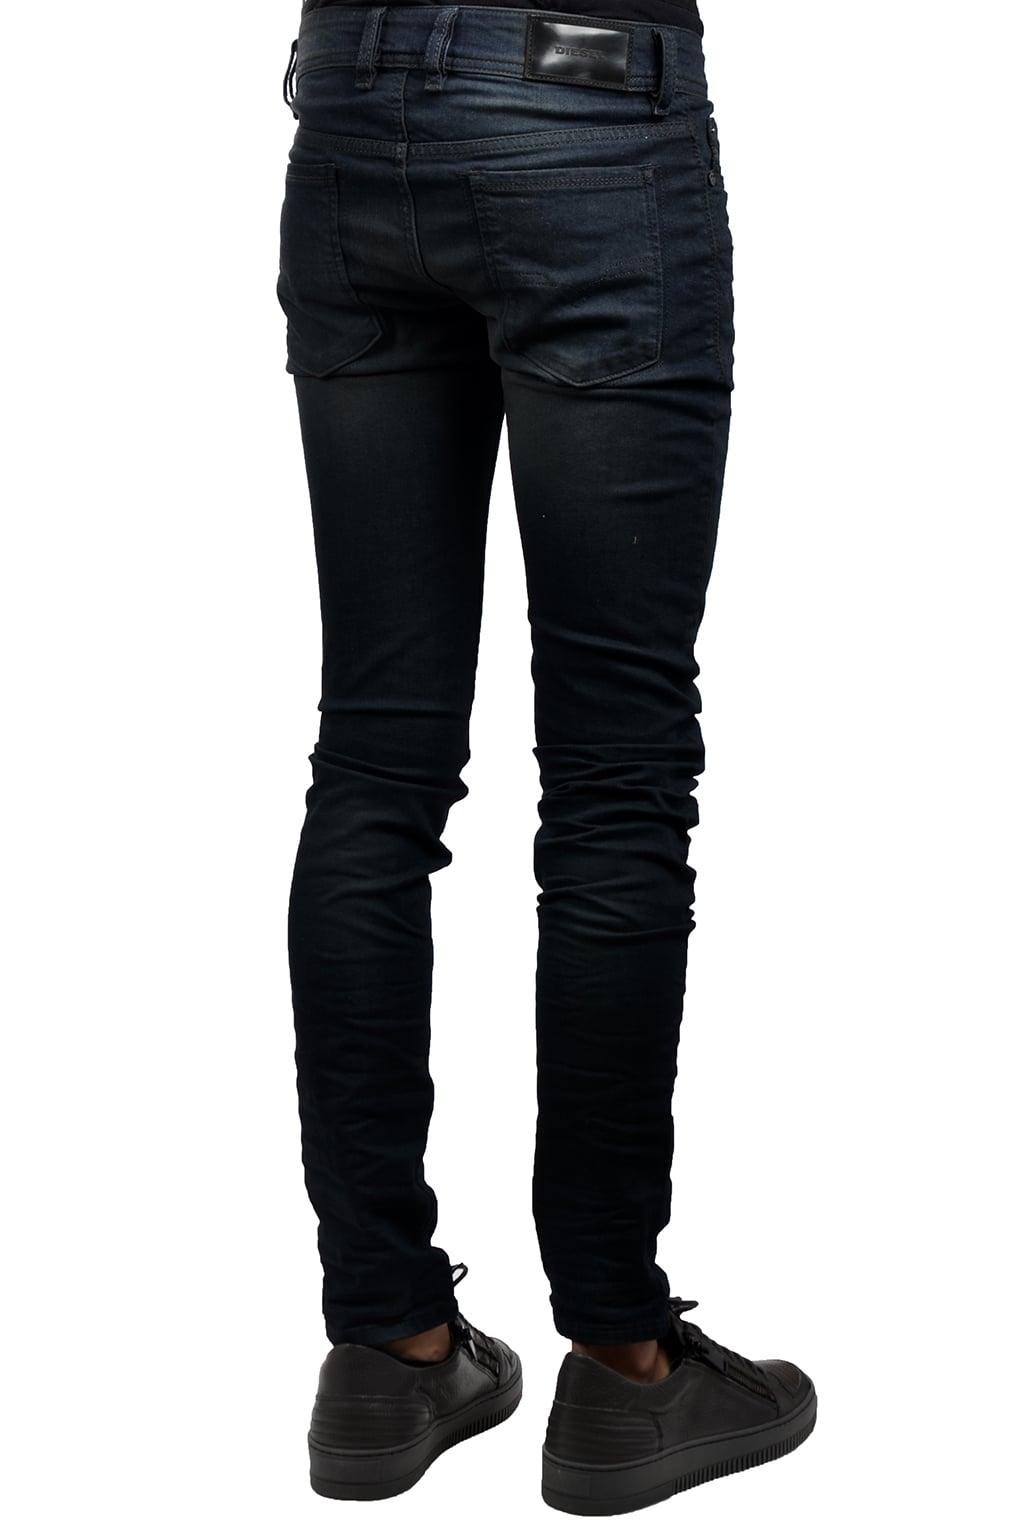 83573802 https://www.kellyjeans.nl/p/s74lb0004-s30260-852-grey-jeans-014 ...